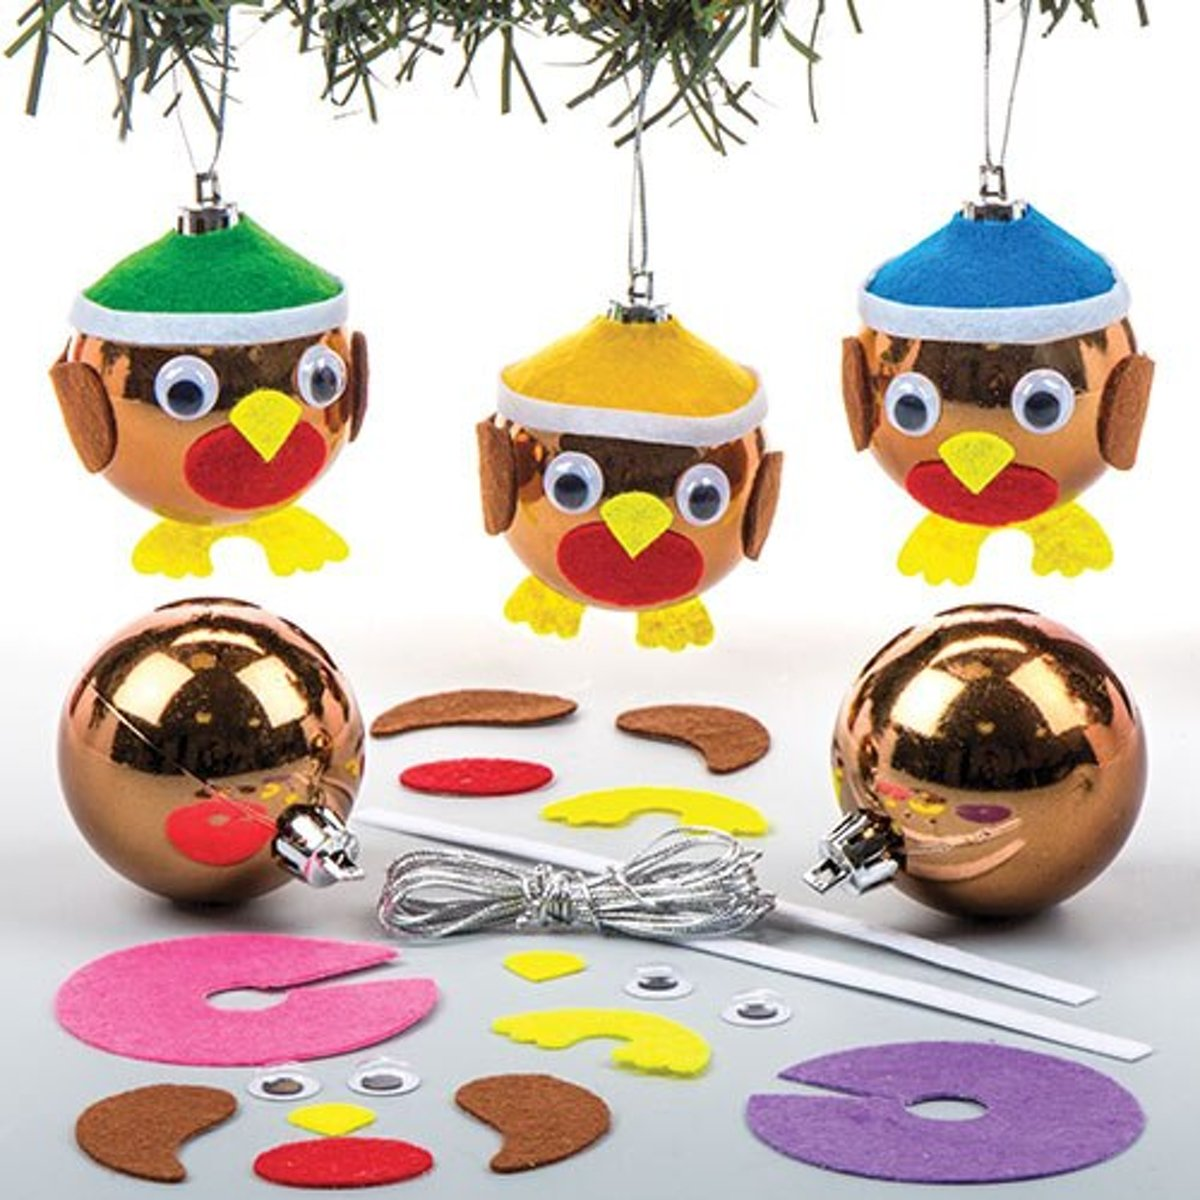 Sets met kerstballen met roodborstje voor kinderen om zelf te maken - Creatieve kerstknutselset voor kinderen (6 stuks per verpakking) kopen